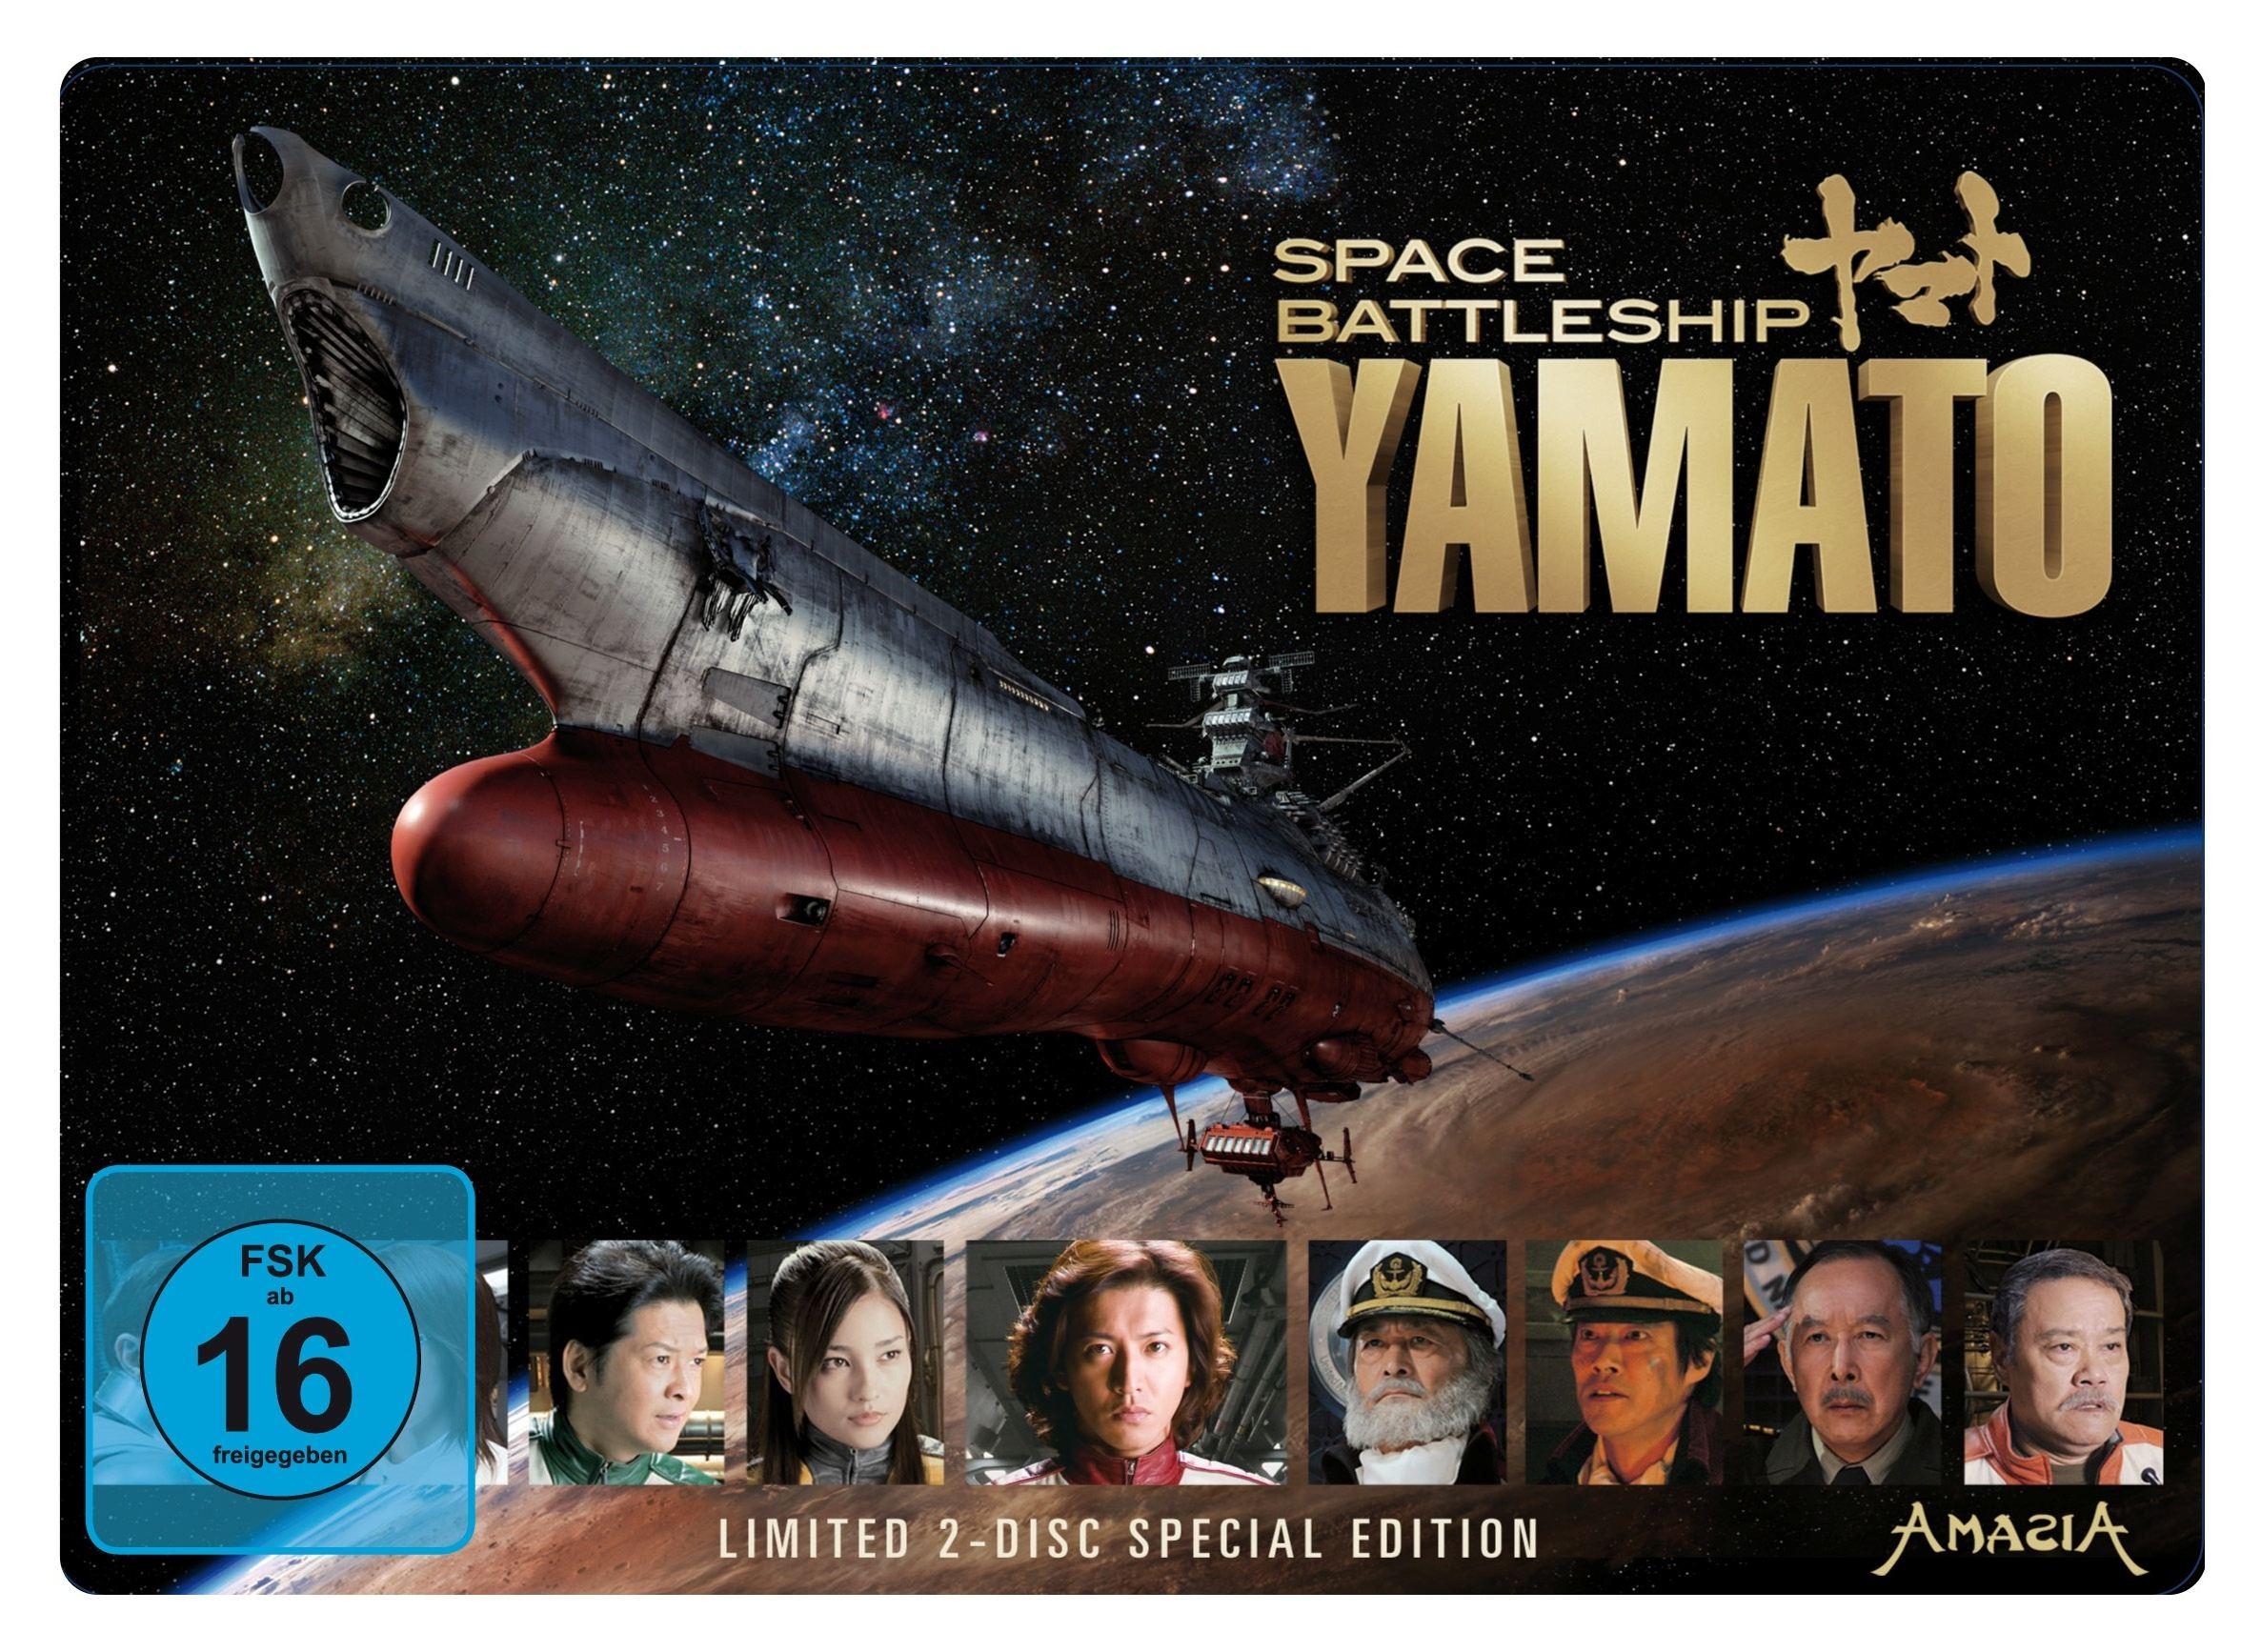 плакат фильма Blu-Ray 2199: Космическая одиссея